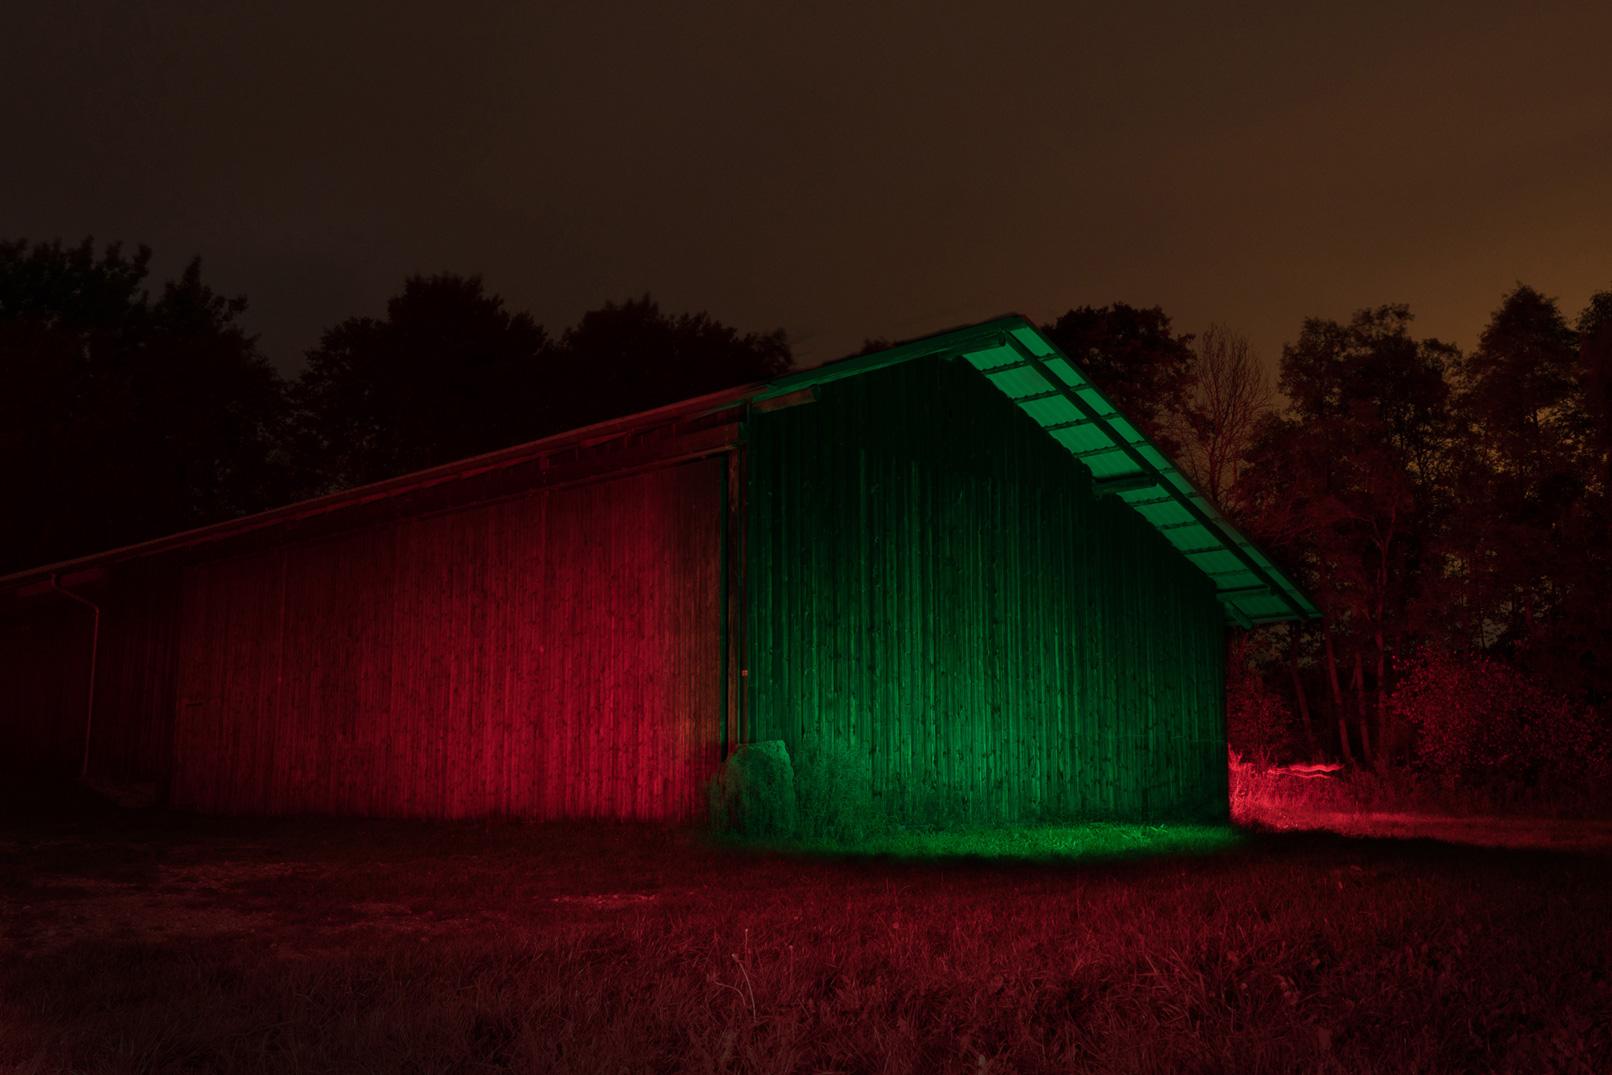 Kreative Nachtaufnahmen anfertigen – im Training wird eine im Dunkeln liegende Scheune mit Wanderlicht und Farb-LEDs beleuchtet.